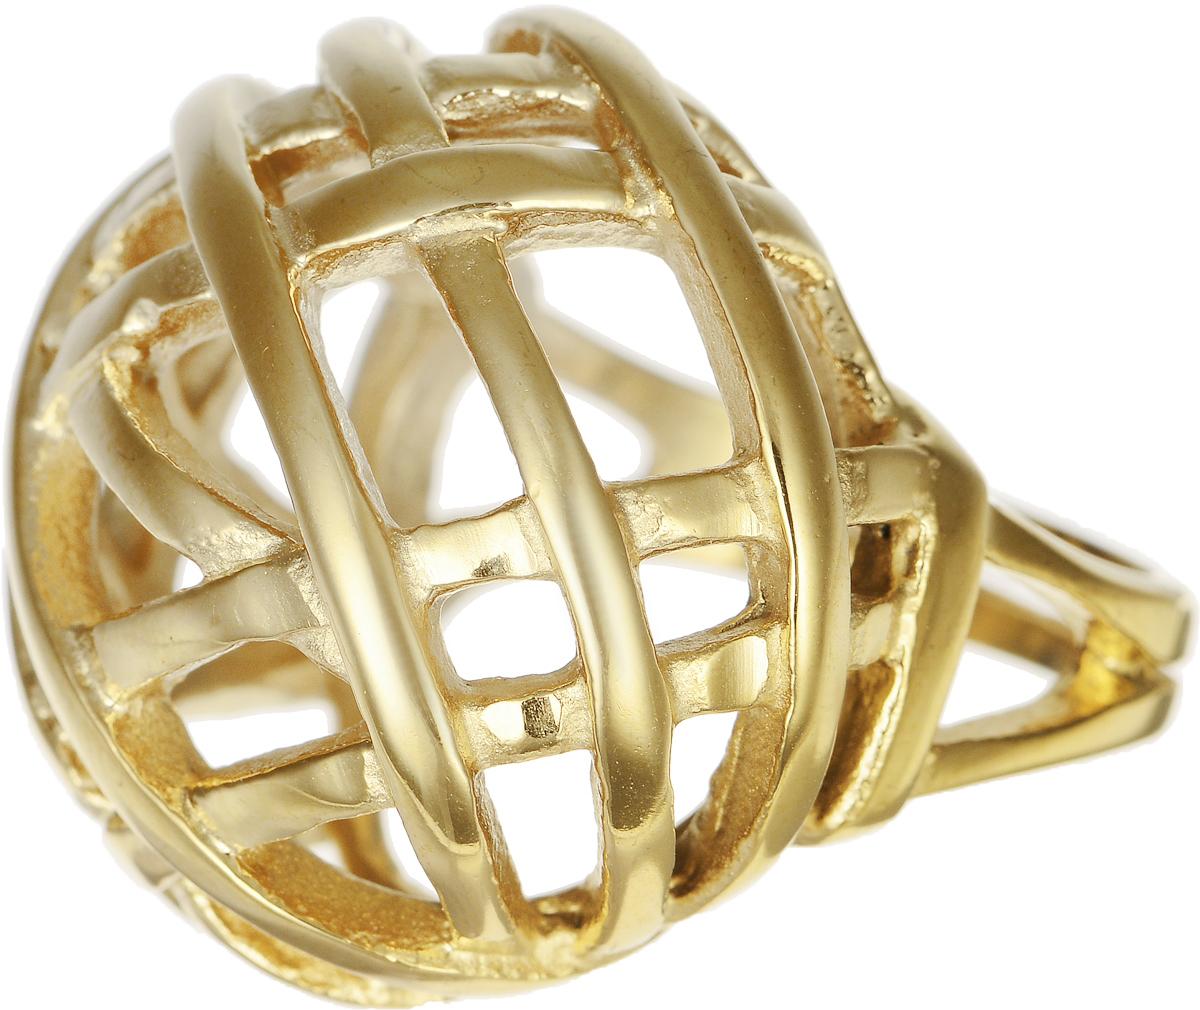 Кольцо Polina Selezneva, цвет: золотистый. DG-0014. Размер 18DG-0014-08Стильное кольцо Polina Selezneva изготовлено из качественного металлического сплава и выполнено в оригинальном дизайне. Кольцо оформлено резным узором.